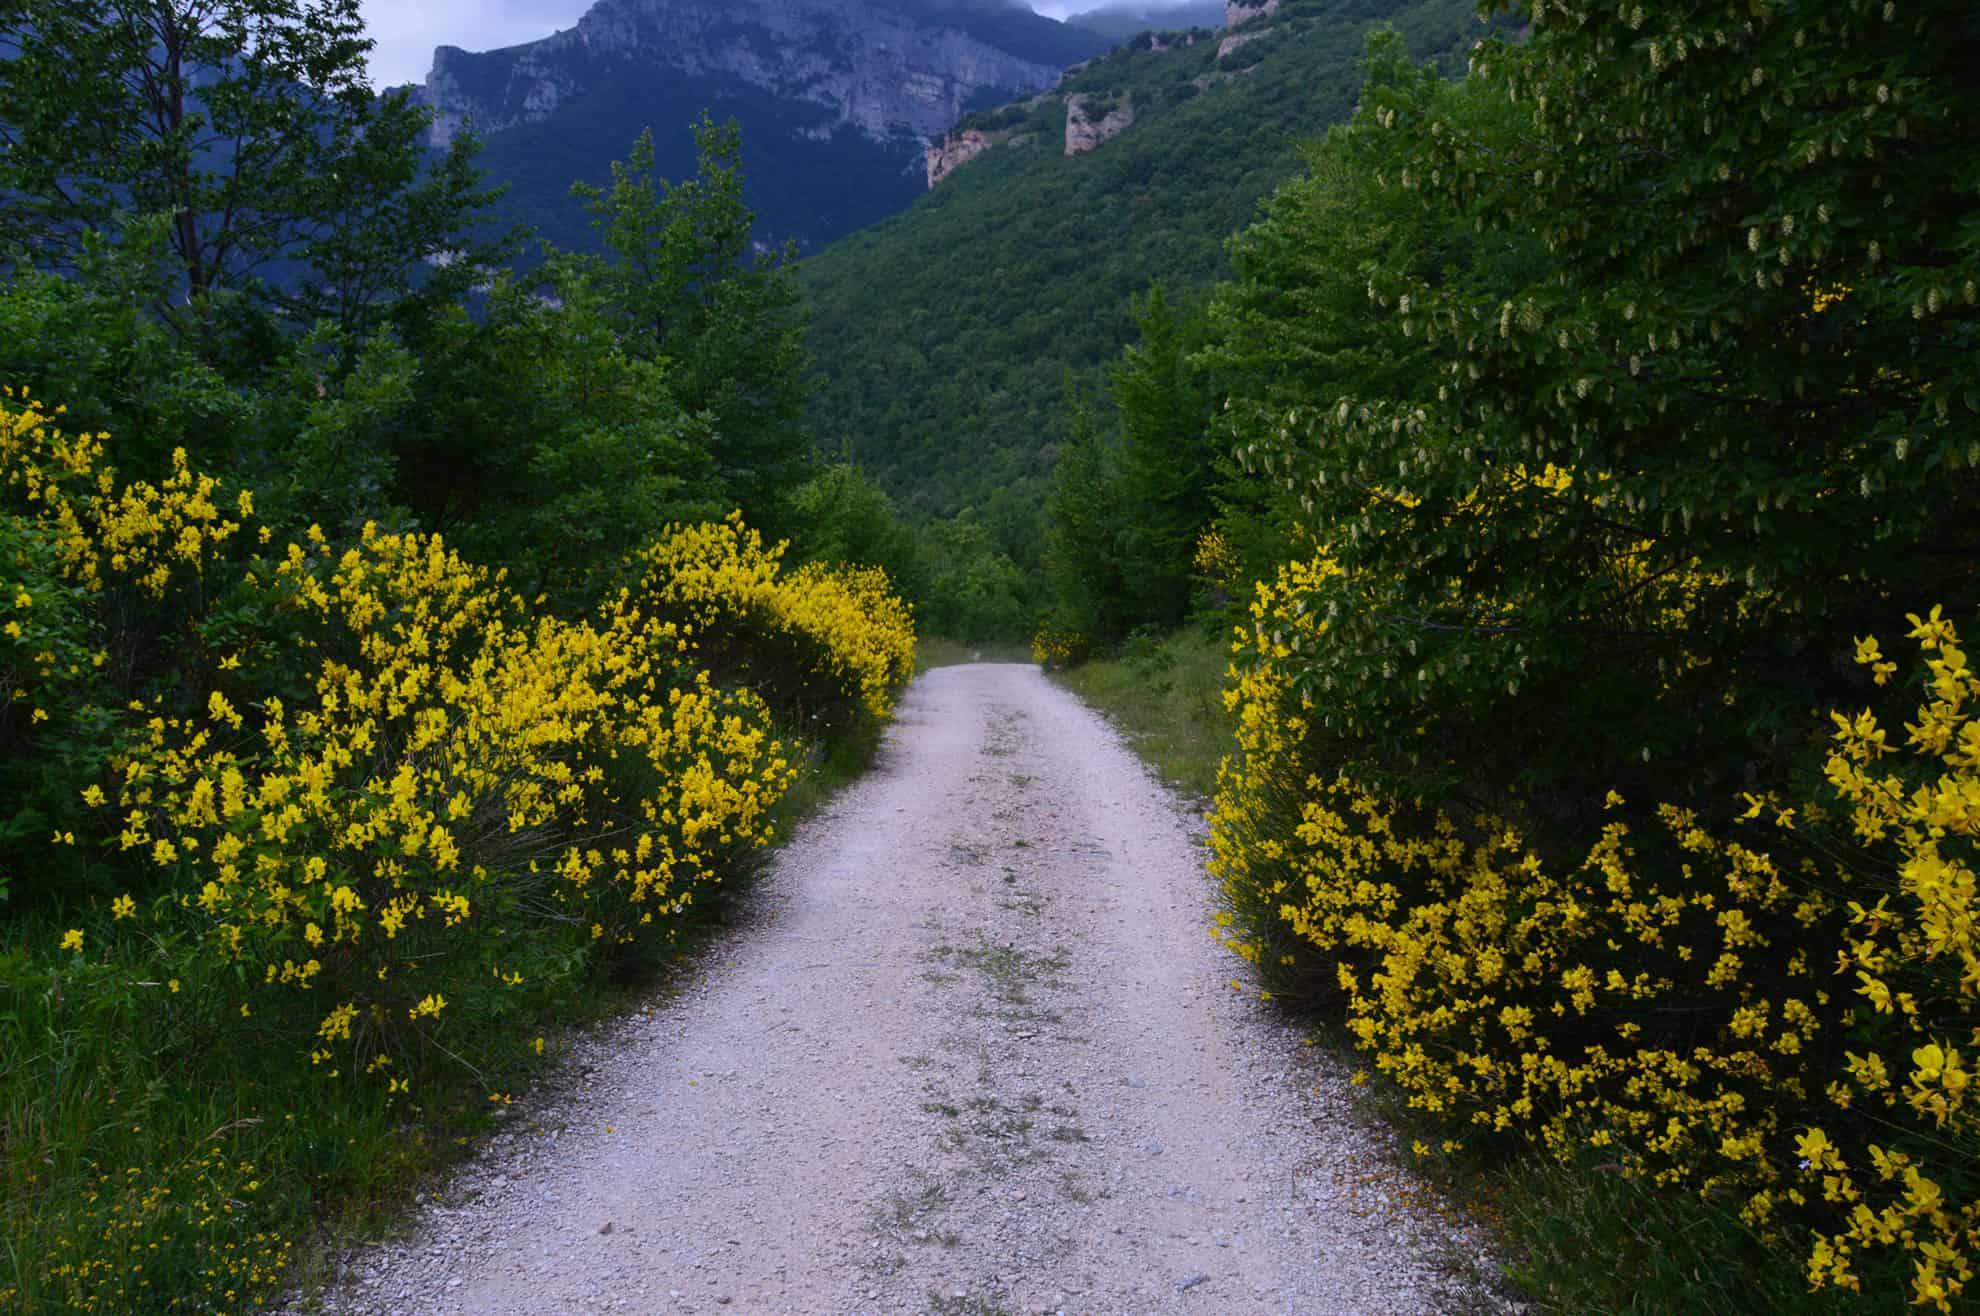 Sentiero per l'Eremo di Soffiano - Itinerari escursionistici Sarnano